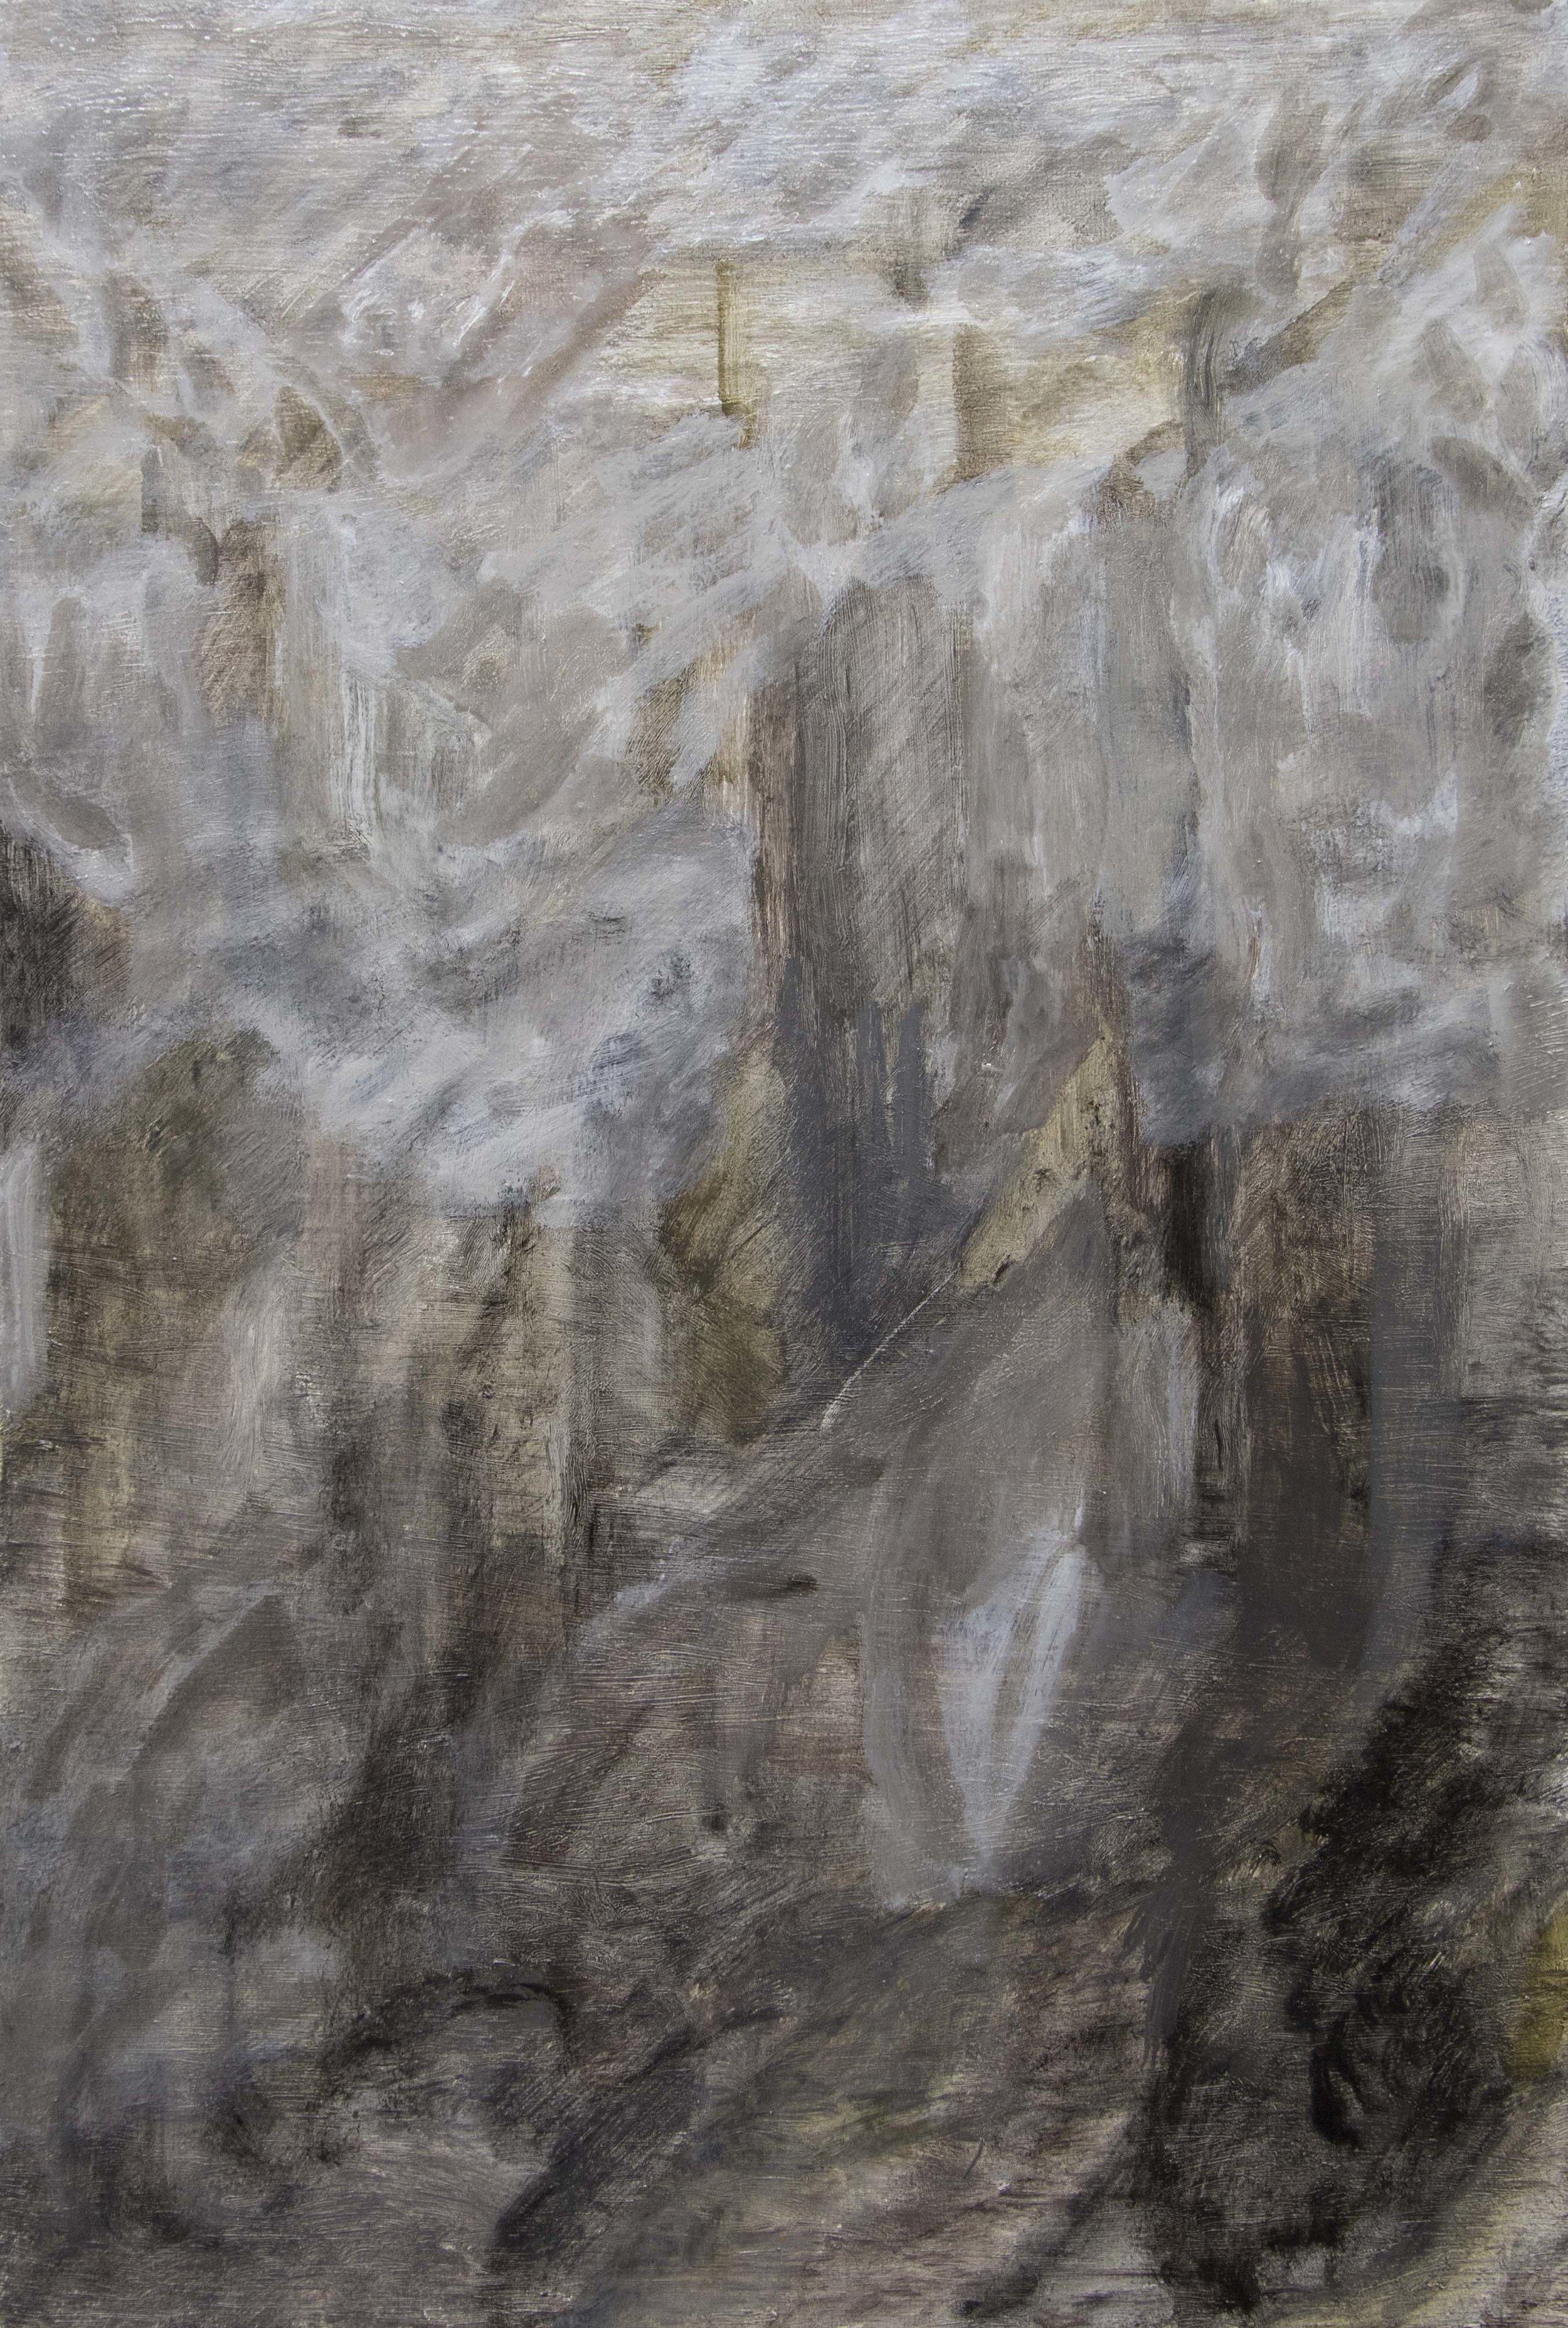 Tim Buckovic, East, 2017, oil on linen, 46 x 30.5 cm